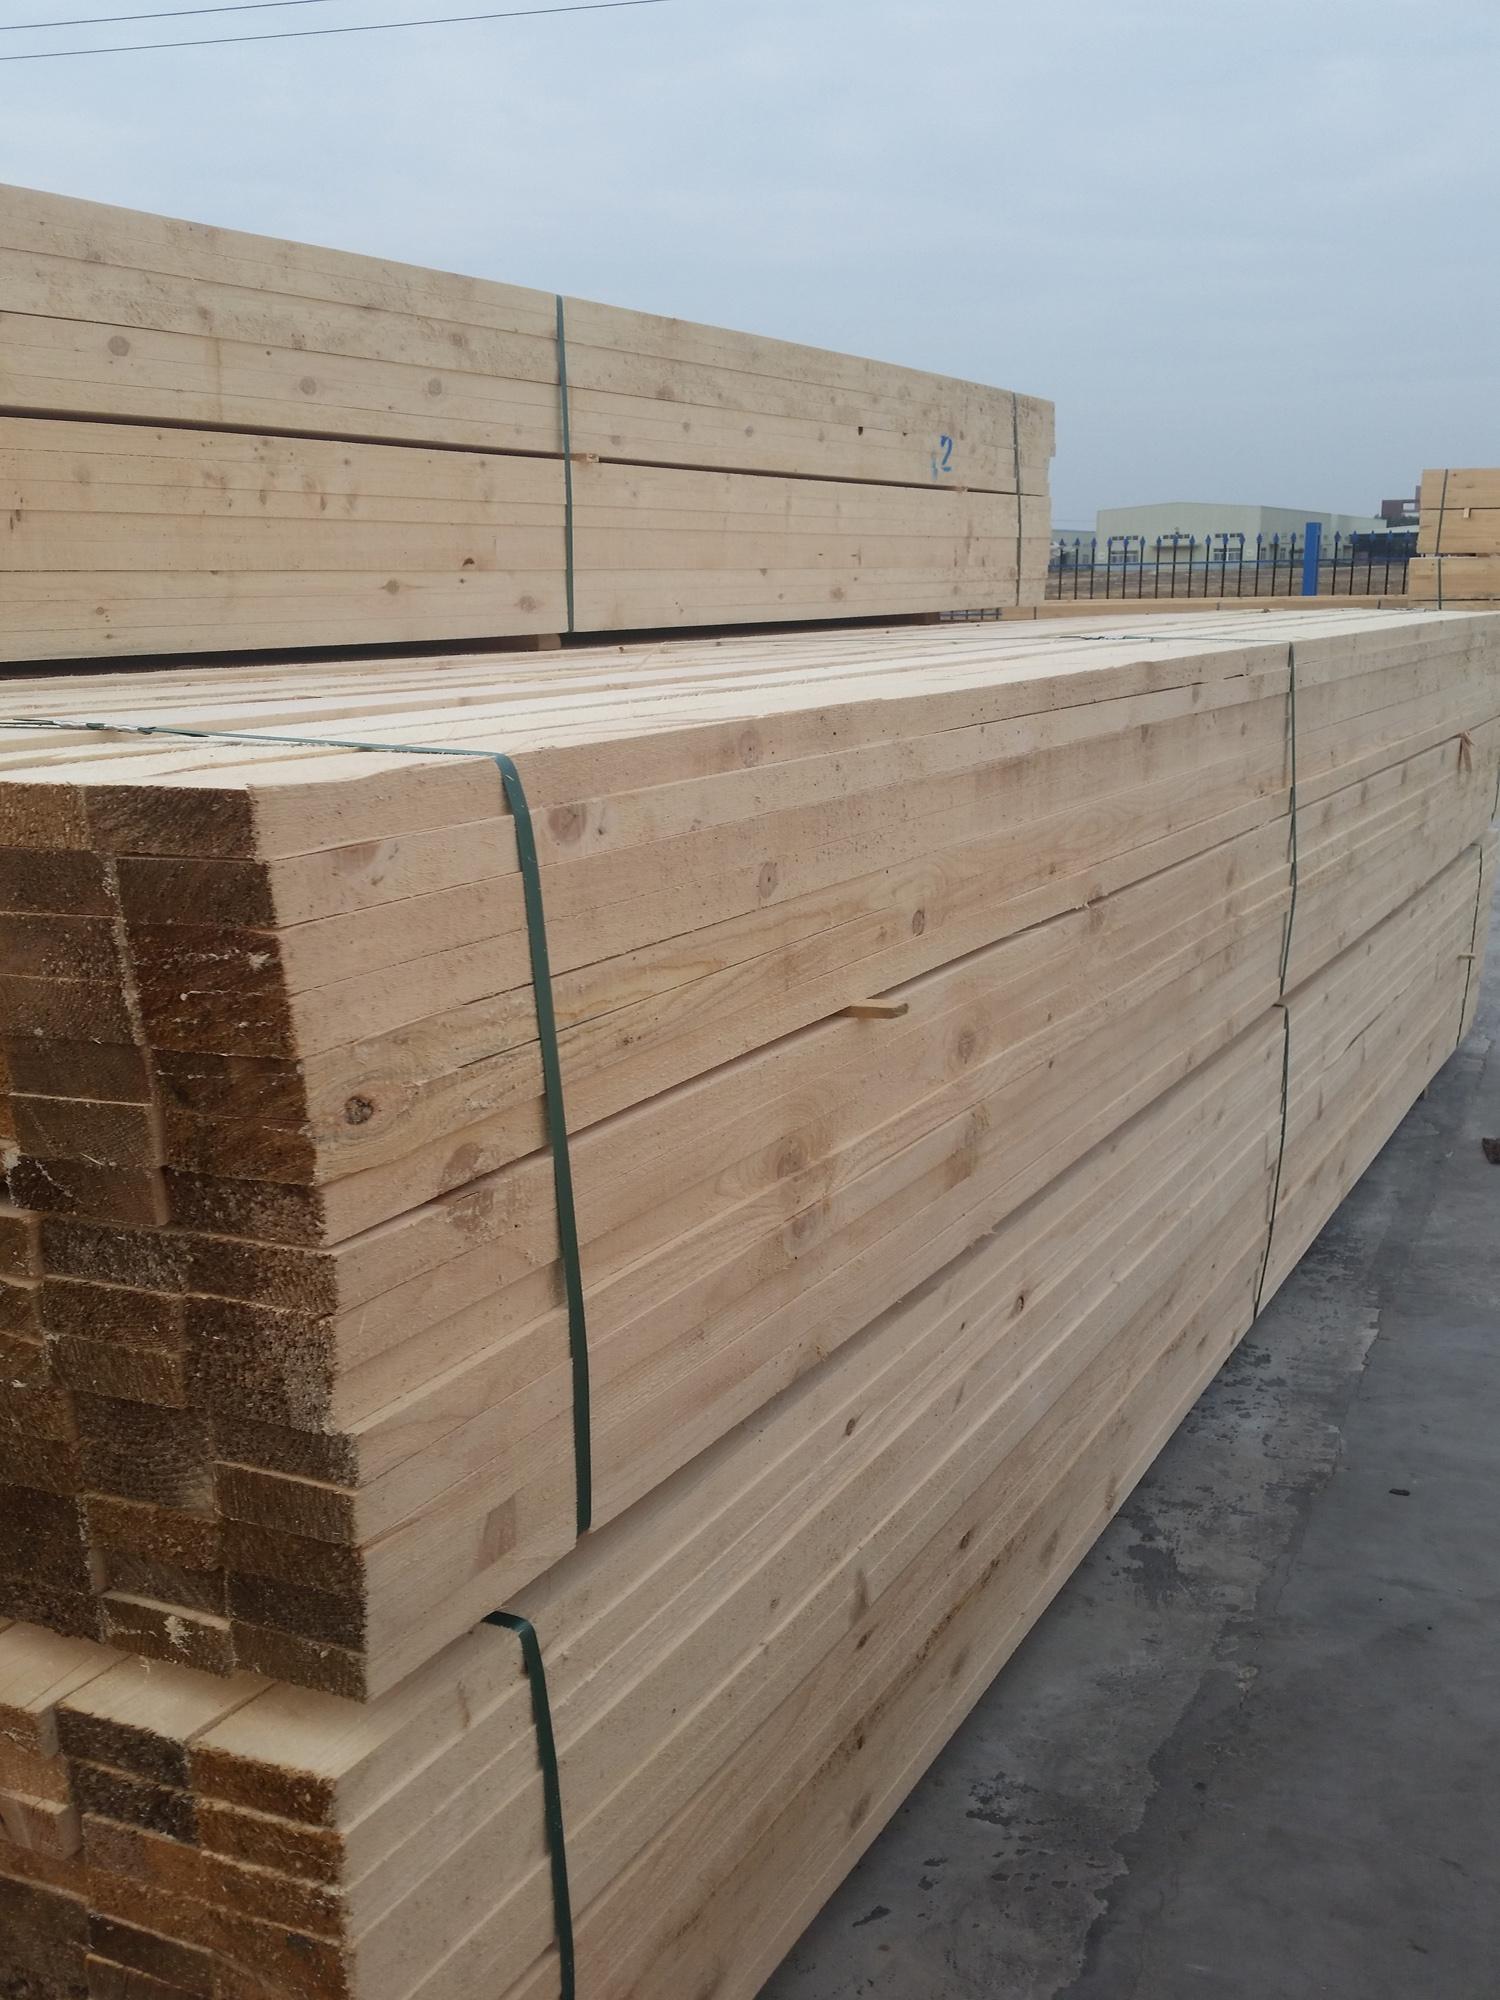 福建木方建筑 福建建筑方料 江西木方批发 浙江木方厂家 莆田荣丰木业有限公司木方,俗称为方木,将木材根据实际加工需要锯切成一定规格形状的方形条木,一般用于装修及门窗材料,结构施工中的模板支撑及屋架用材,或做各种木制家具都可以。莆田荣丰木业有限公司成立于2013年,是福州吉佰利脚手架有限公司的子公司(成立于2002年),是一家集产品开发、设计、生产、批发、销售服务于一体的综合型企业,具有丰富的木制品的生产经验及广大的销售市场。 公司位于莆田秀屿木材贸易加工区,占地面积30亩,环境幽雅,空气畅通。 公司秉承信